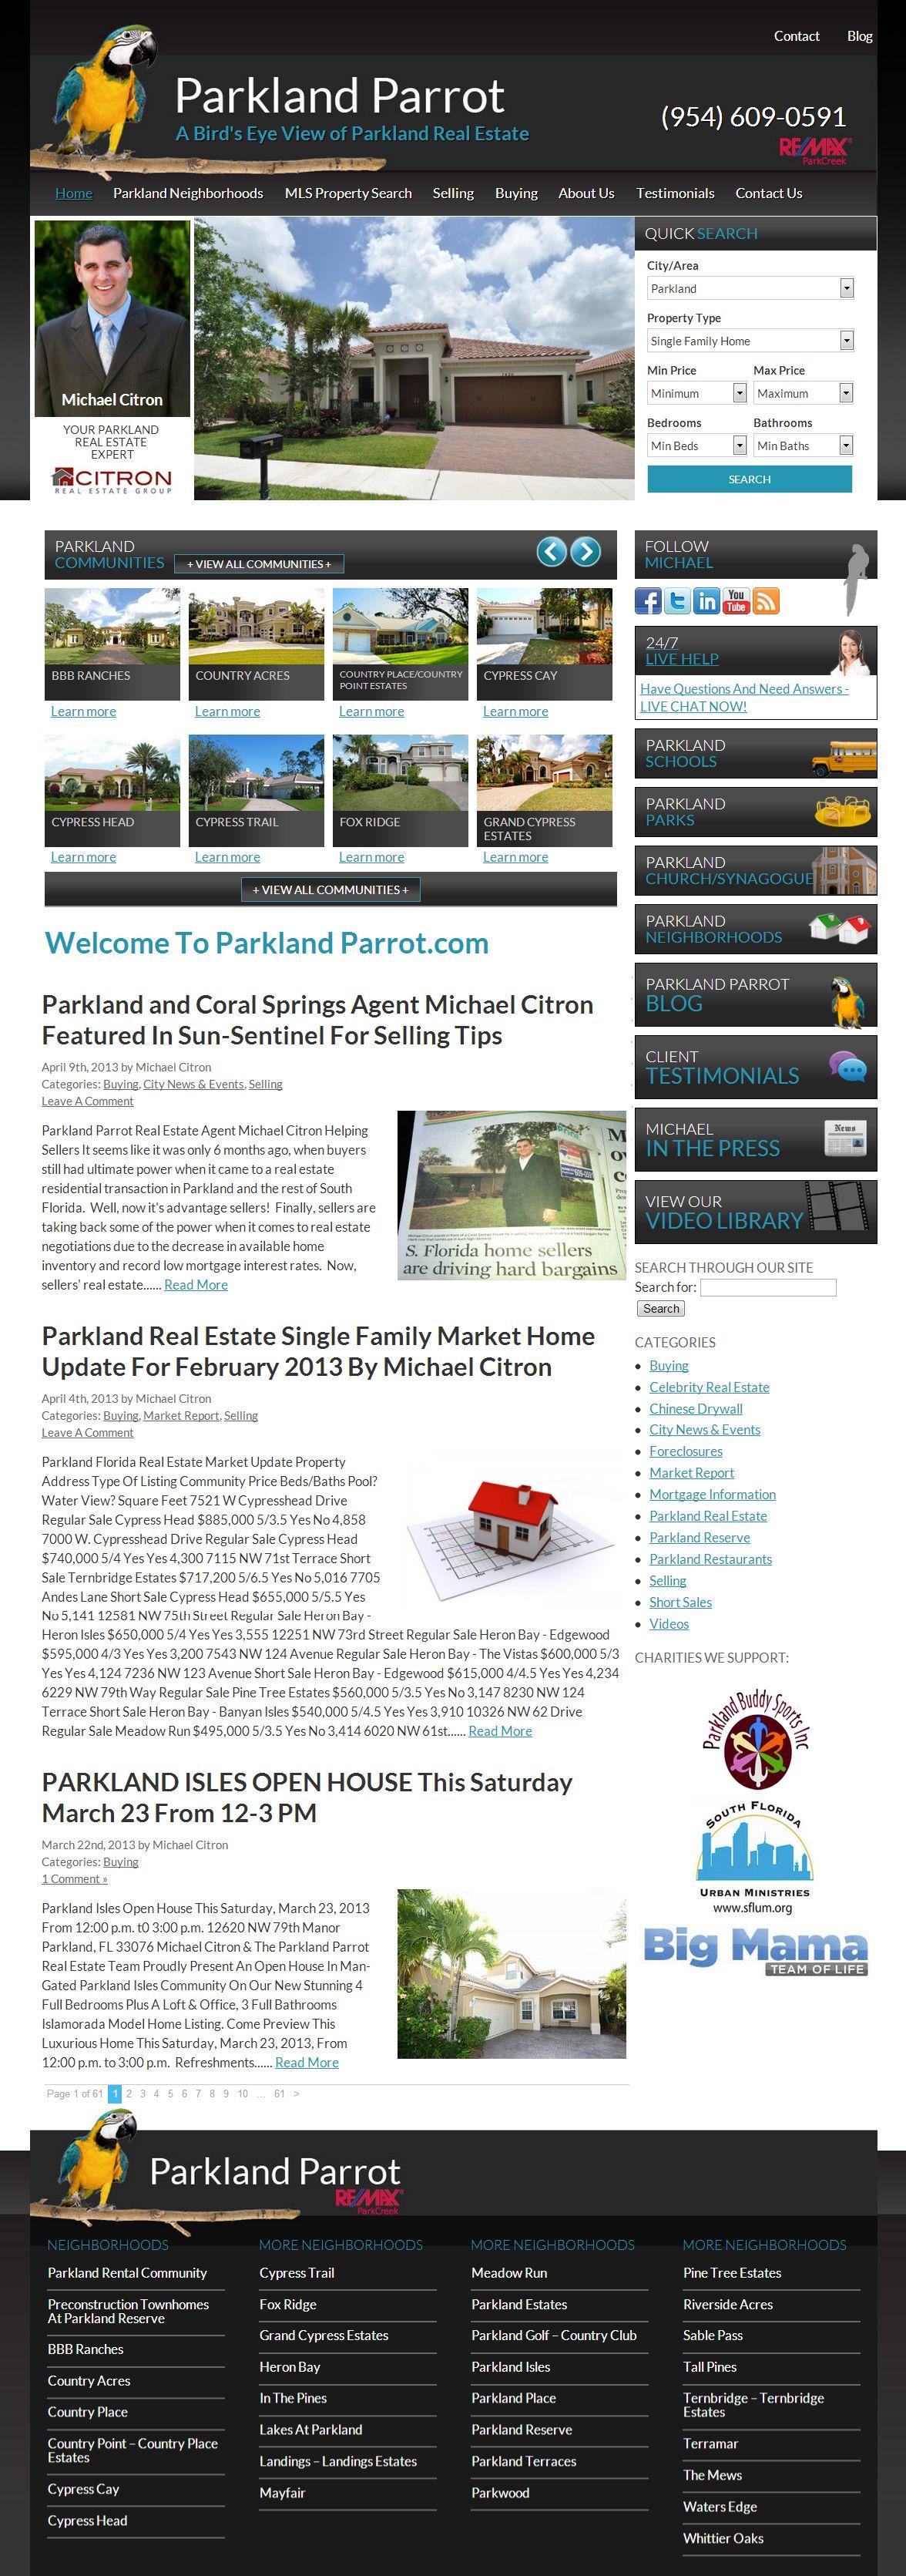 ParklandParrot.com